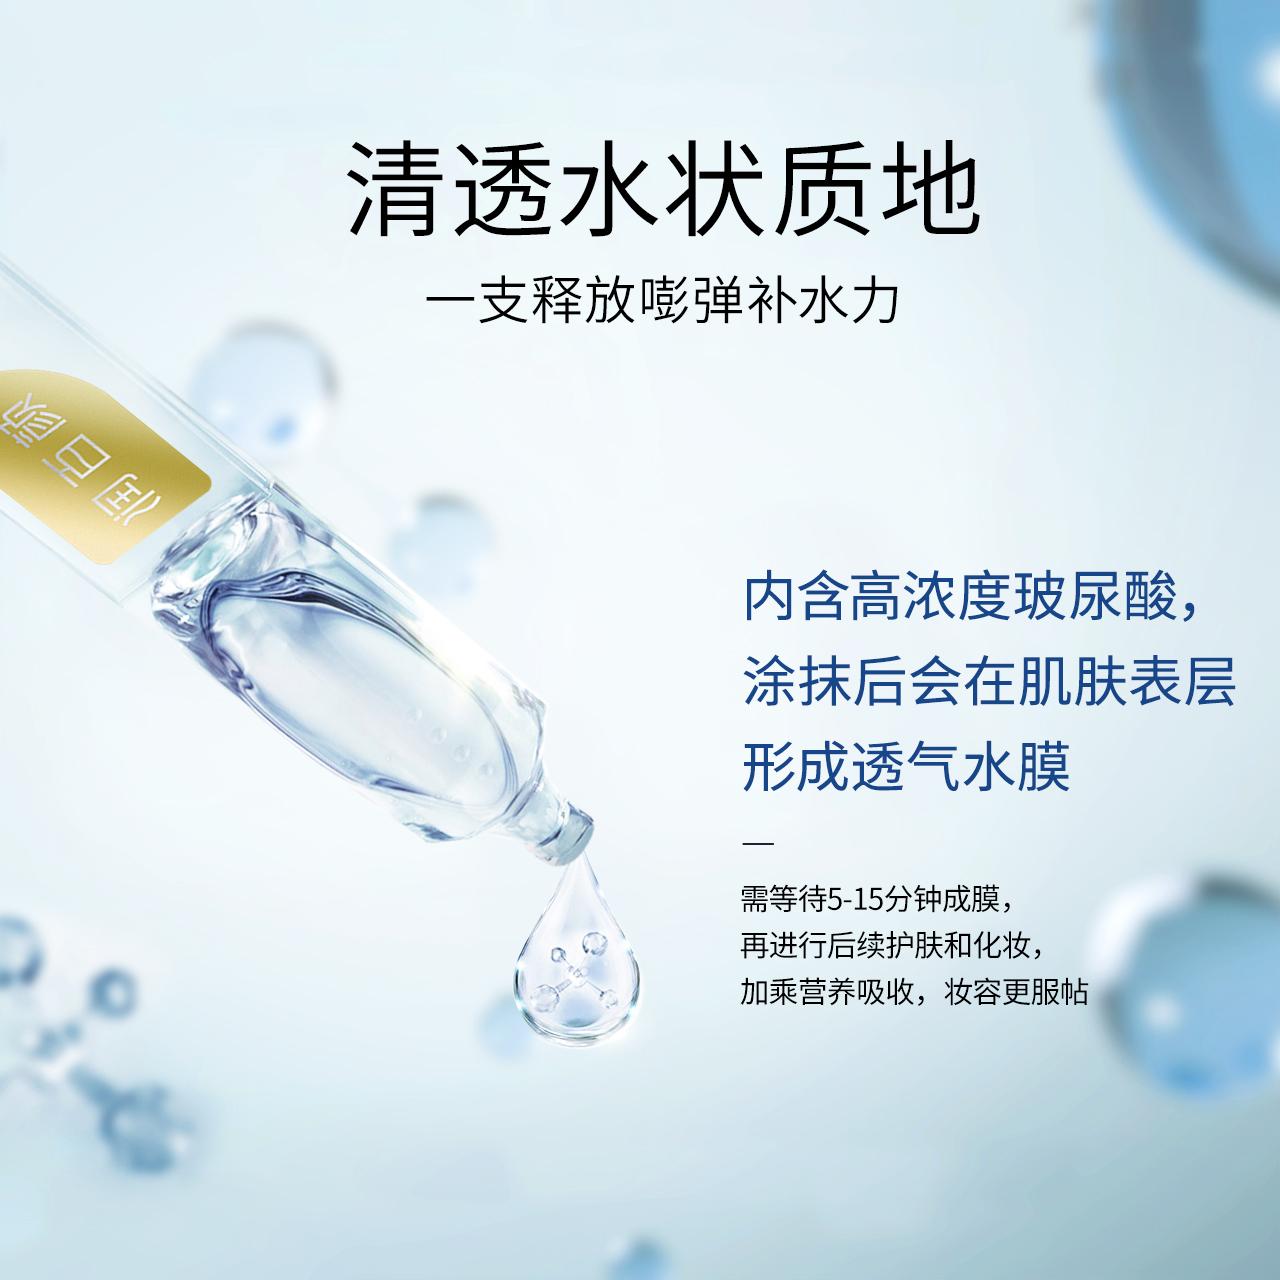 润百颜玻尿酸原液水润次抛安瓶精华液面部精华补水肌底液华熙生物